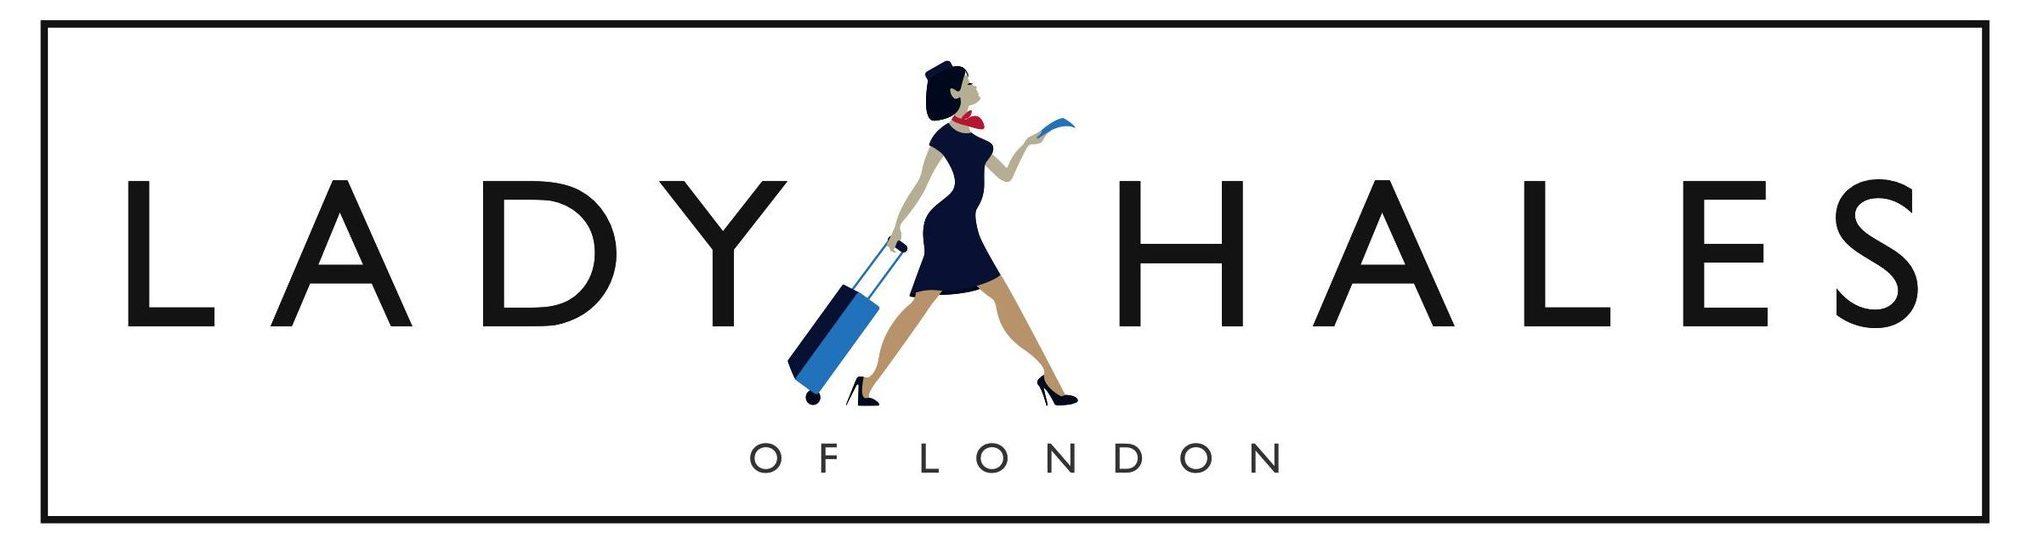 LADY_HALES_LONDON_LOGO_1_979e81be-71ec-4c65-b2b3-8a1026474267_2048x